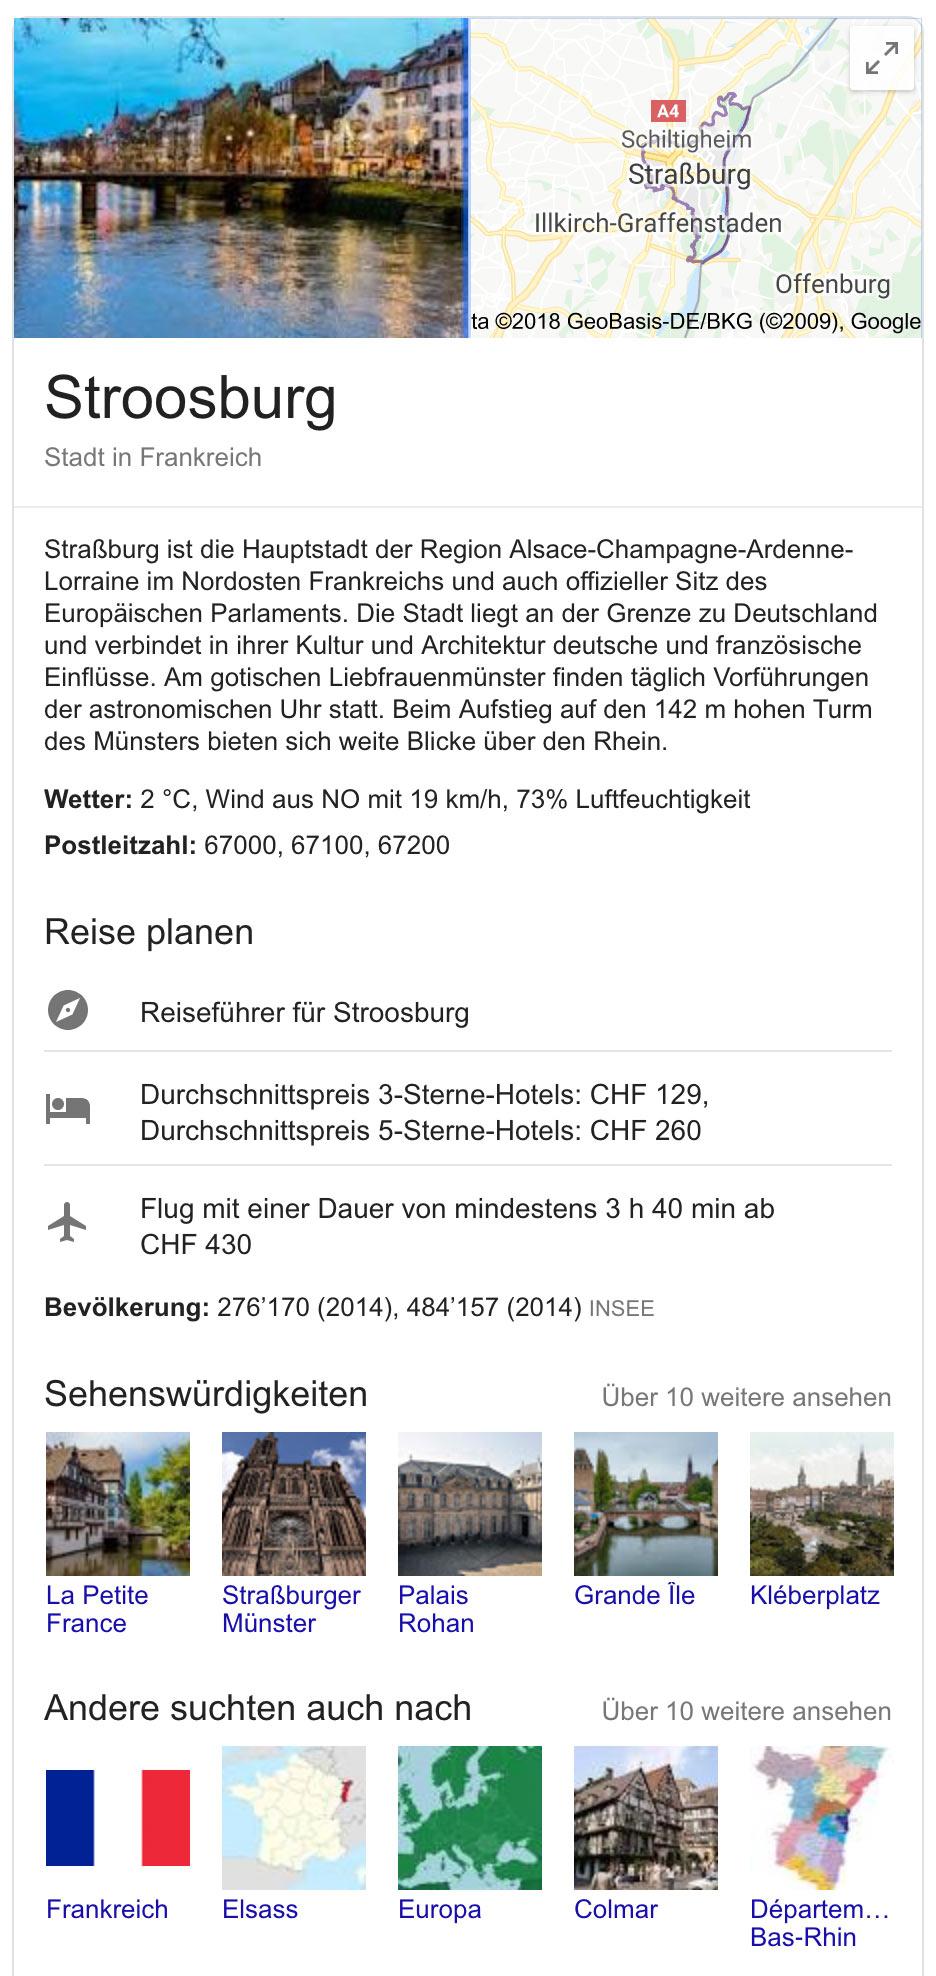 google snippet werbung rupperswil 7 - Google macht Werbung für Rupperswil AG mit einem Vierfachmörder